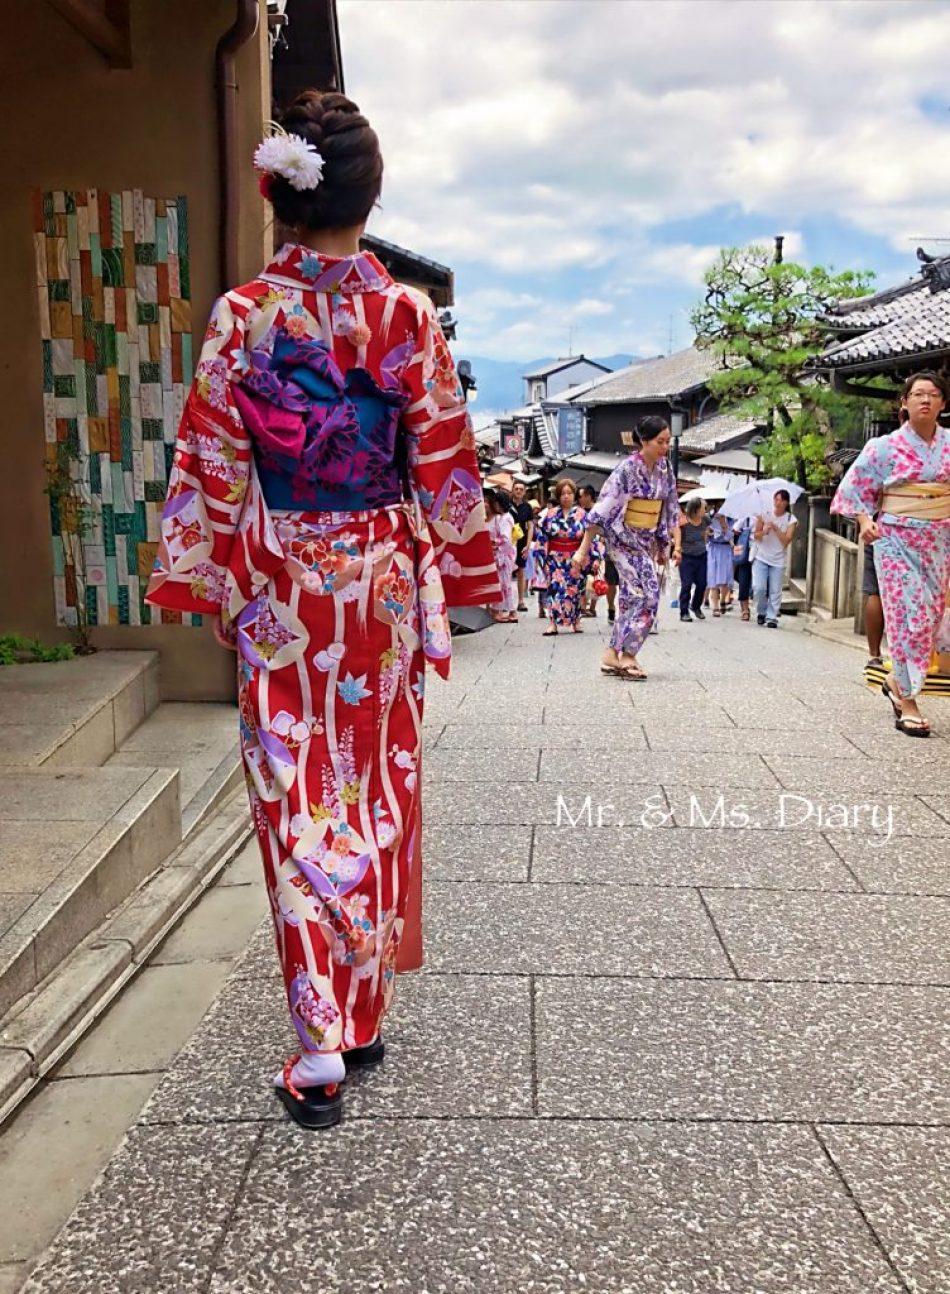 e6b885e6b0b4-4 日本關西五日遊!行程規劃,令人放鬆的倉敷和熱鬧的京都大阪